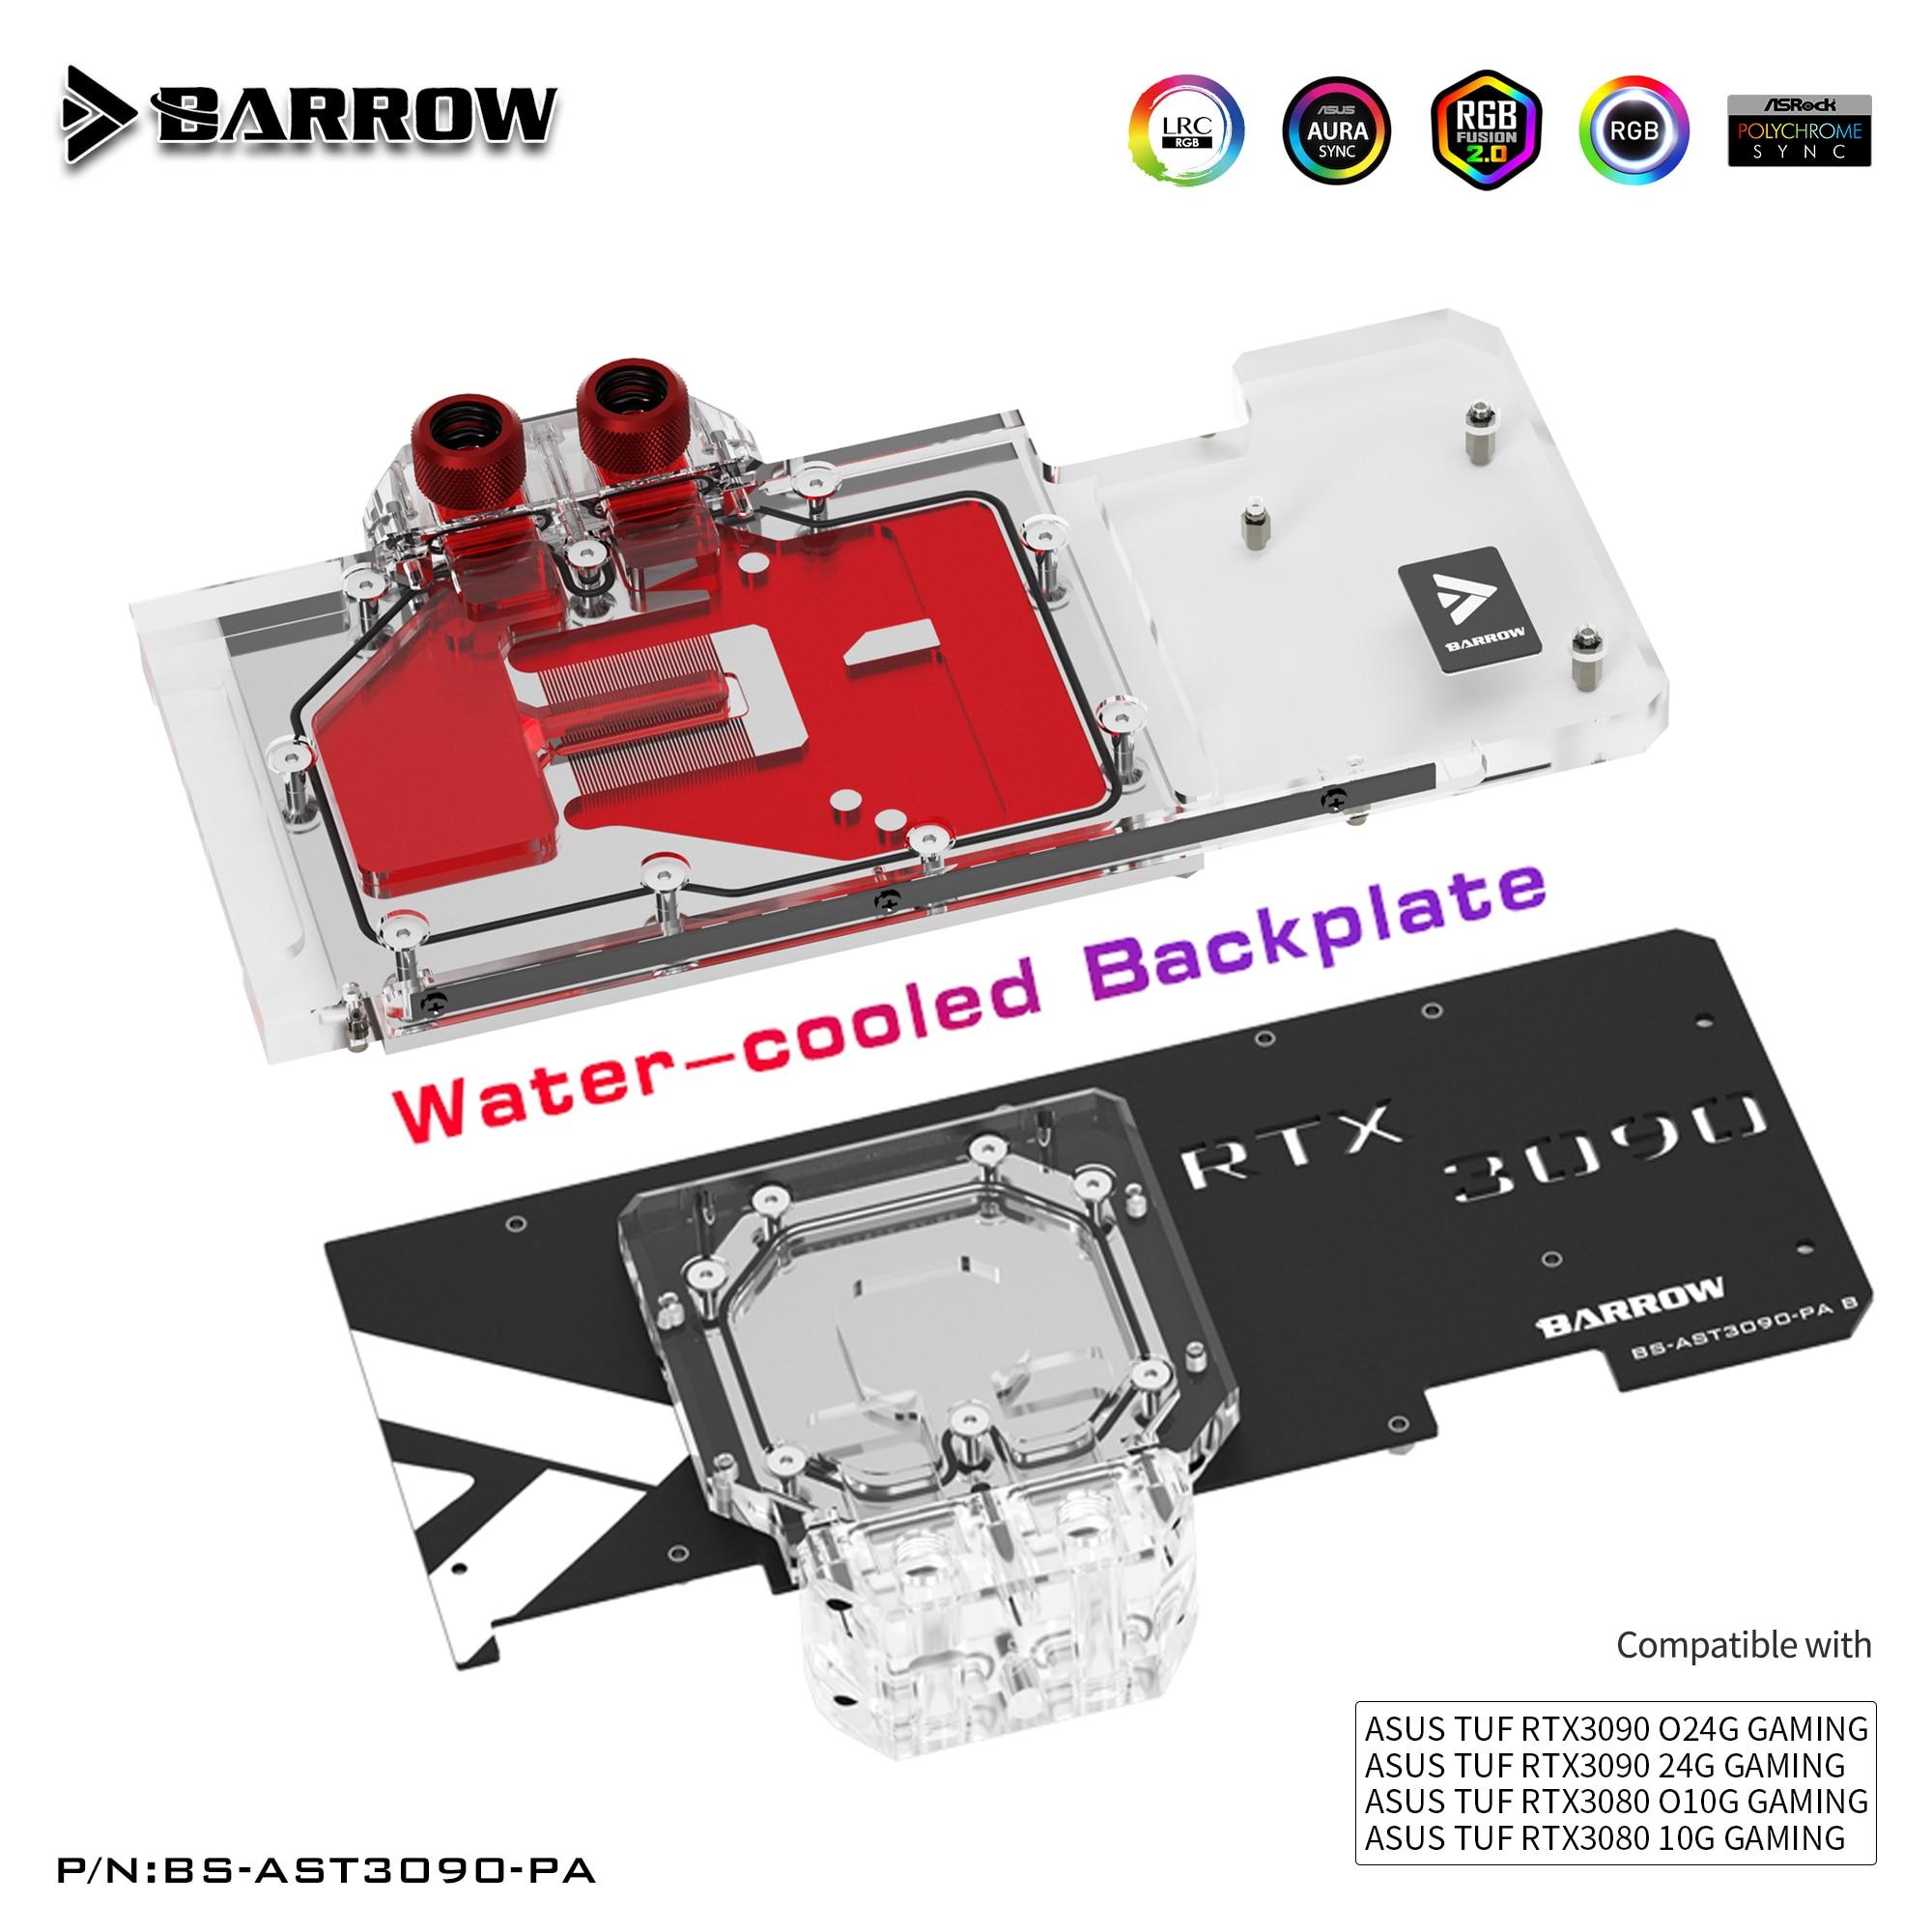 بارو 3090 3080 وحدة معالجة الرسومات كتلة المياه لوحة الكترونية معززة ل ASUS TUF 3090 3080 الألعاب ، في جميع أنحاء لوحة الخلفية برودة ، BS-AST3090-PA B